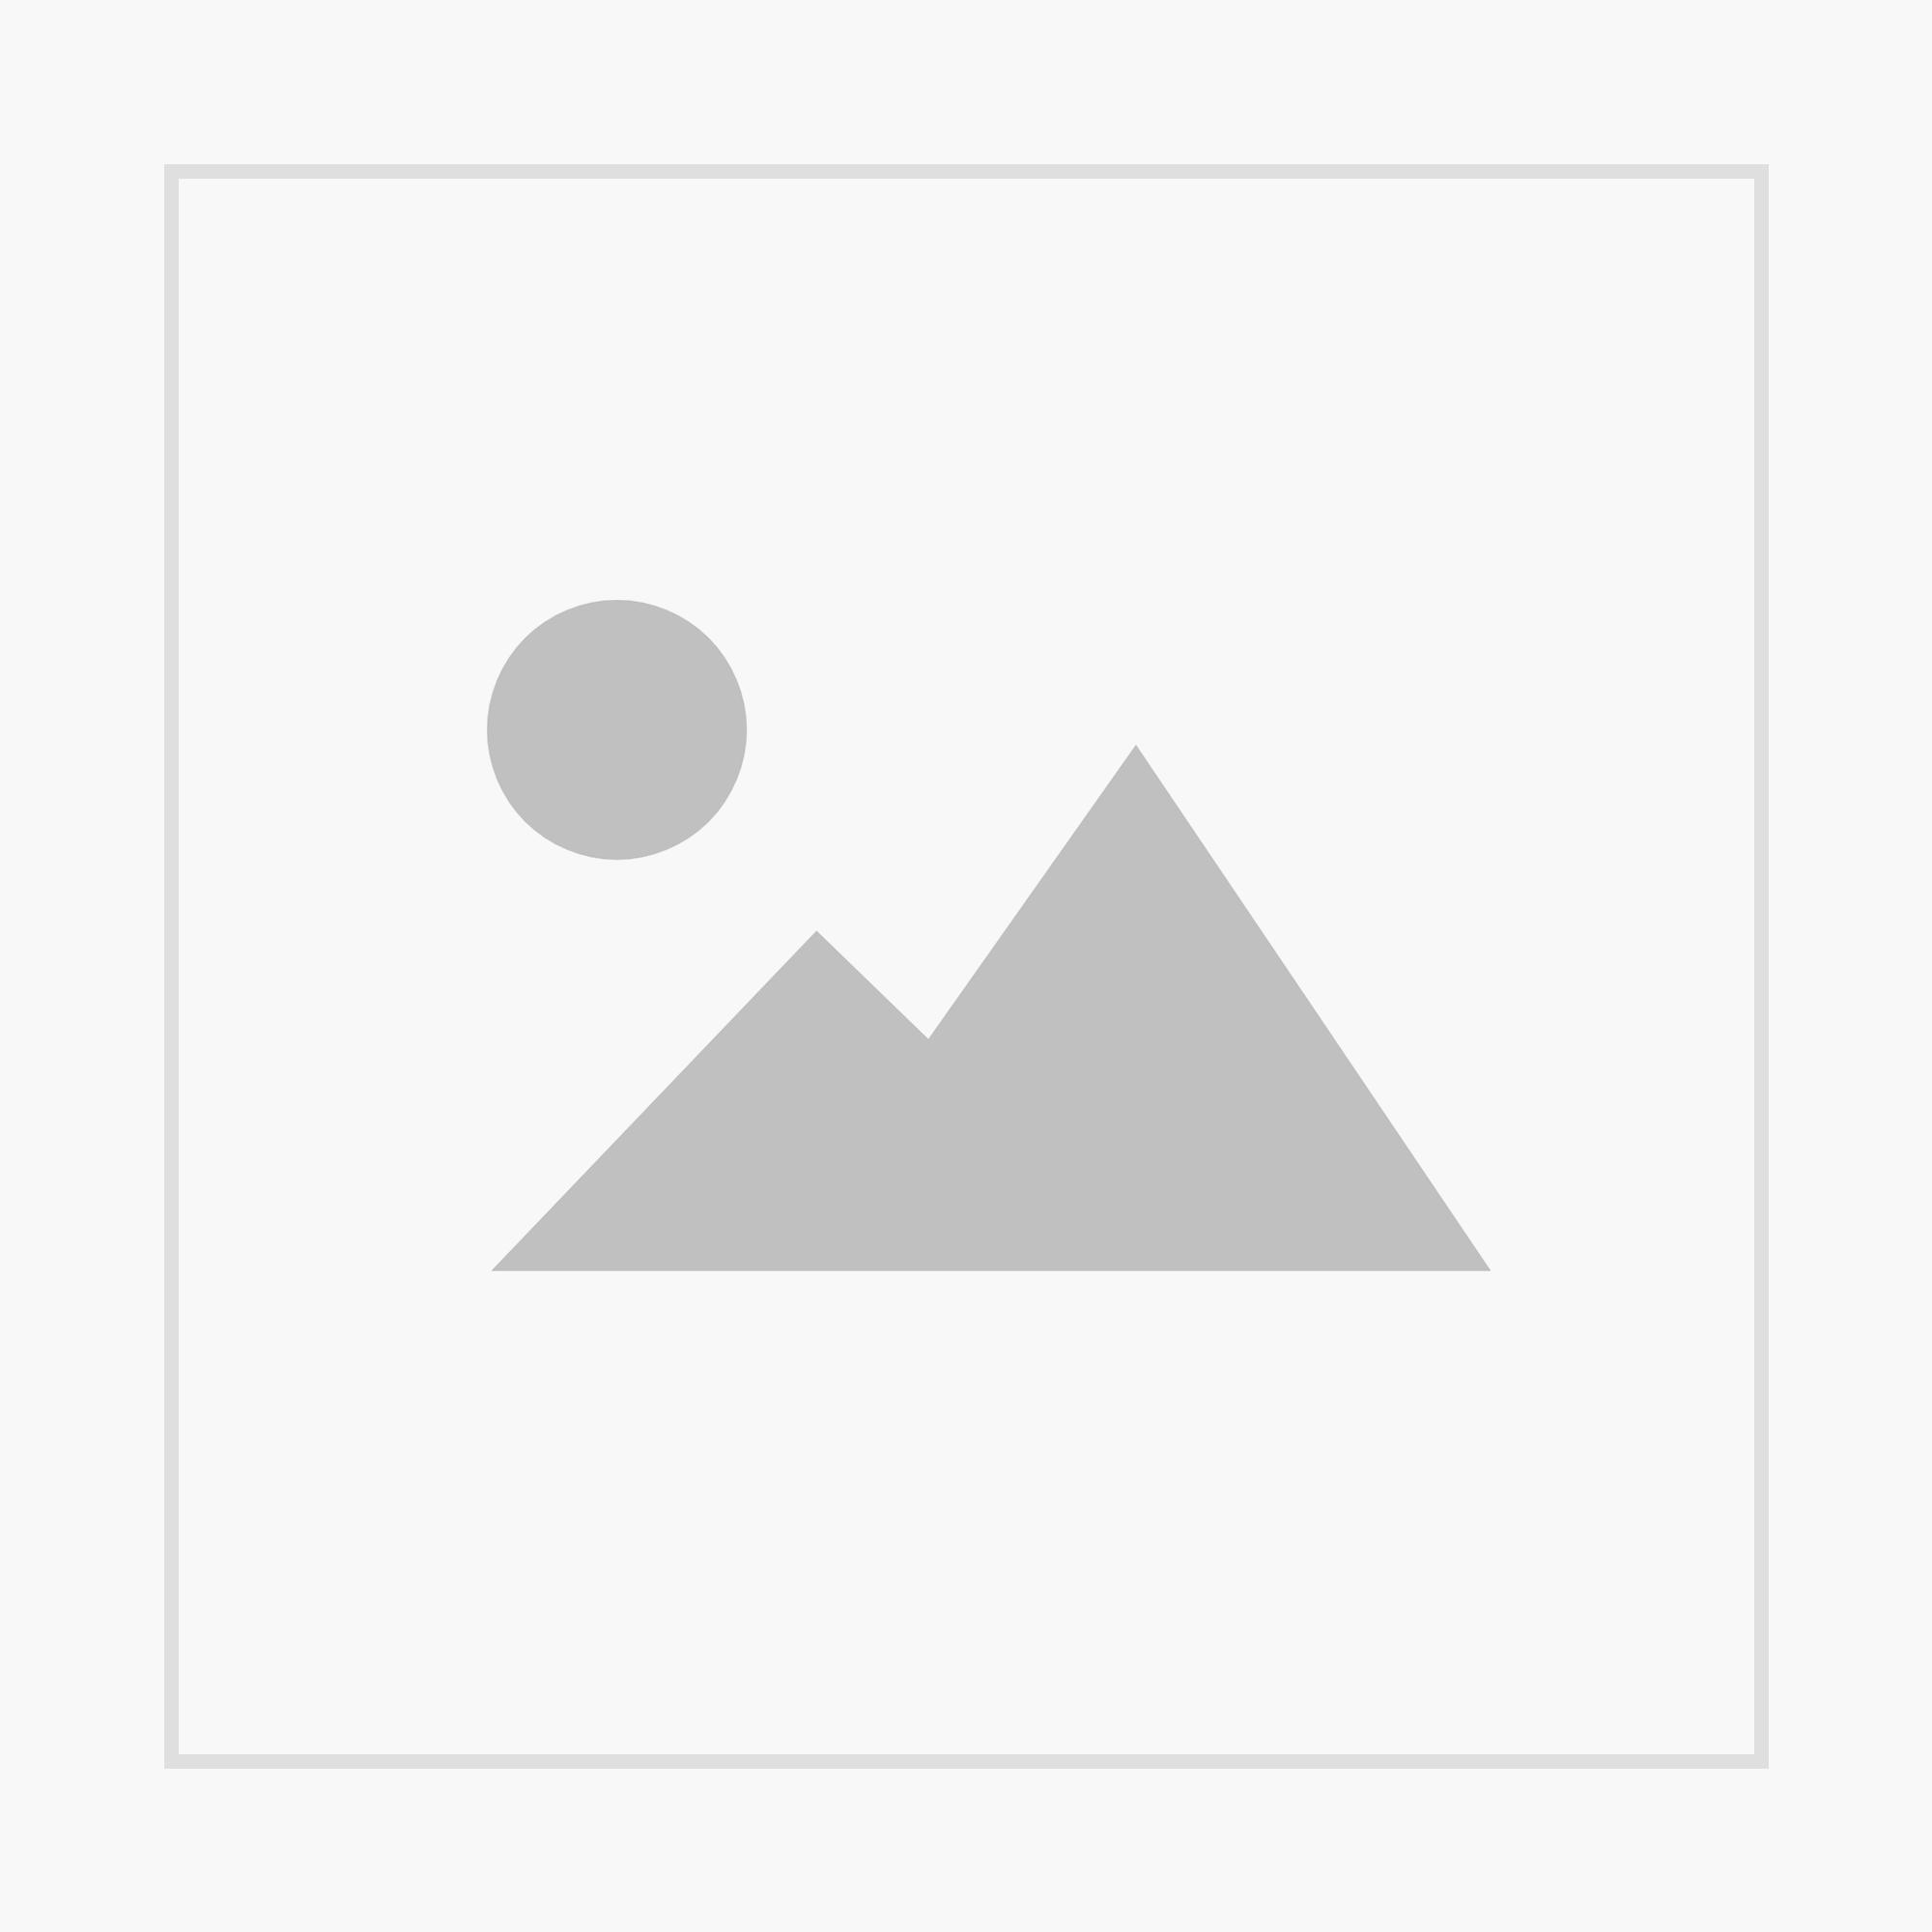 Pflanzensammlungen in Deutschland, Österreich und der Schweiz. Ein erstes Verzeichnis bedeutender Lebendsammlungen.